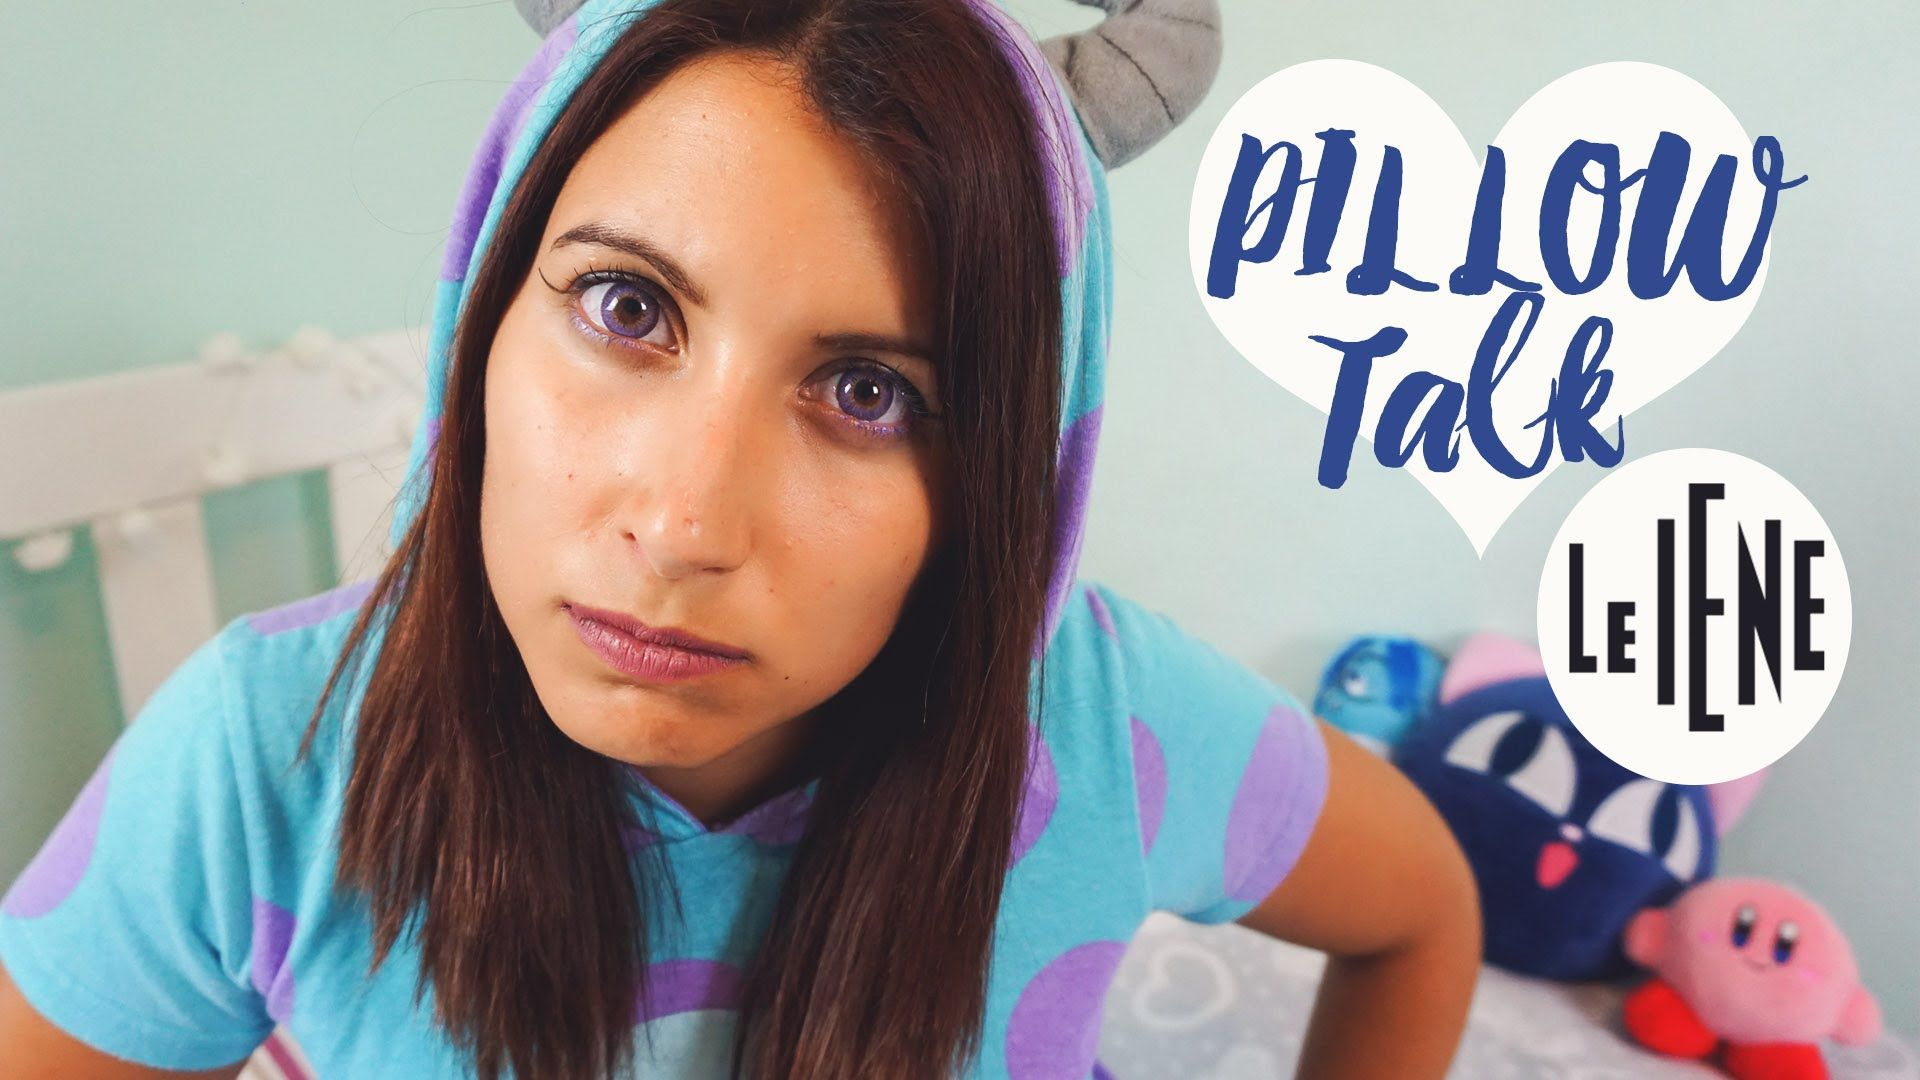 Maid non significa escort! [Le Iene] #Pillowtalk | Matcha Latte